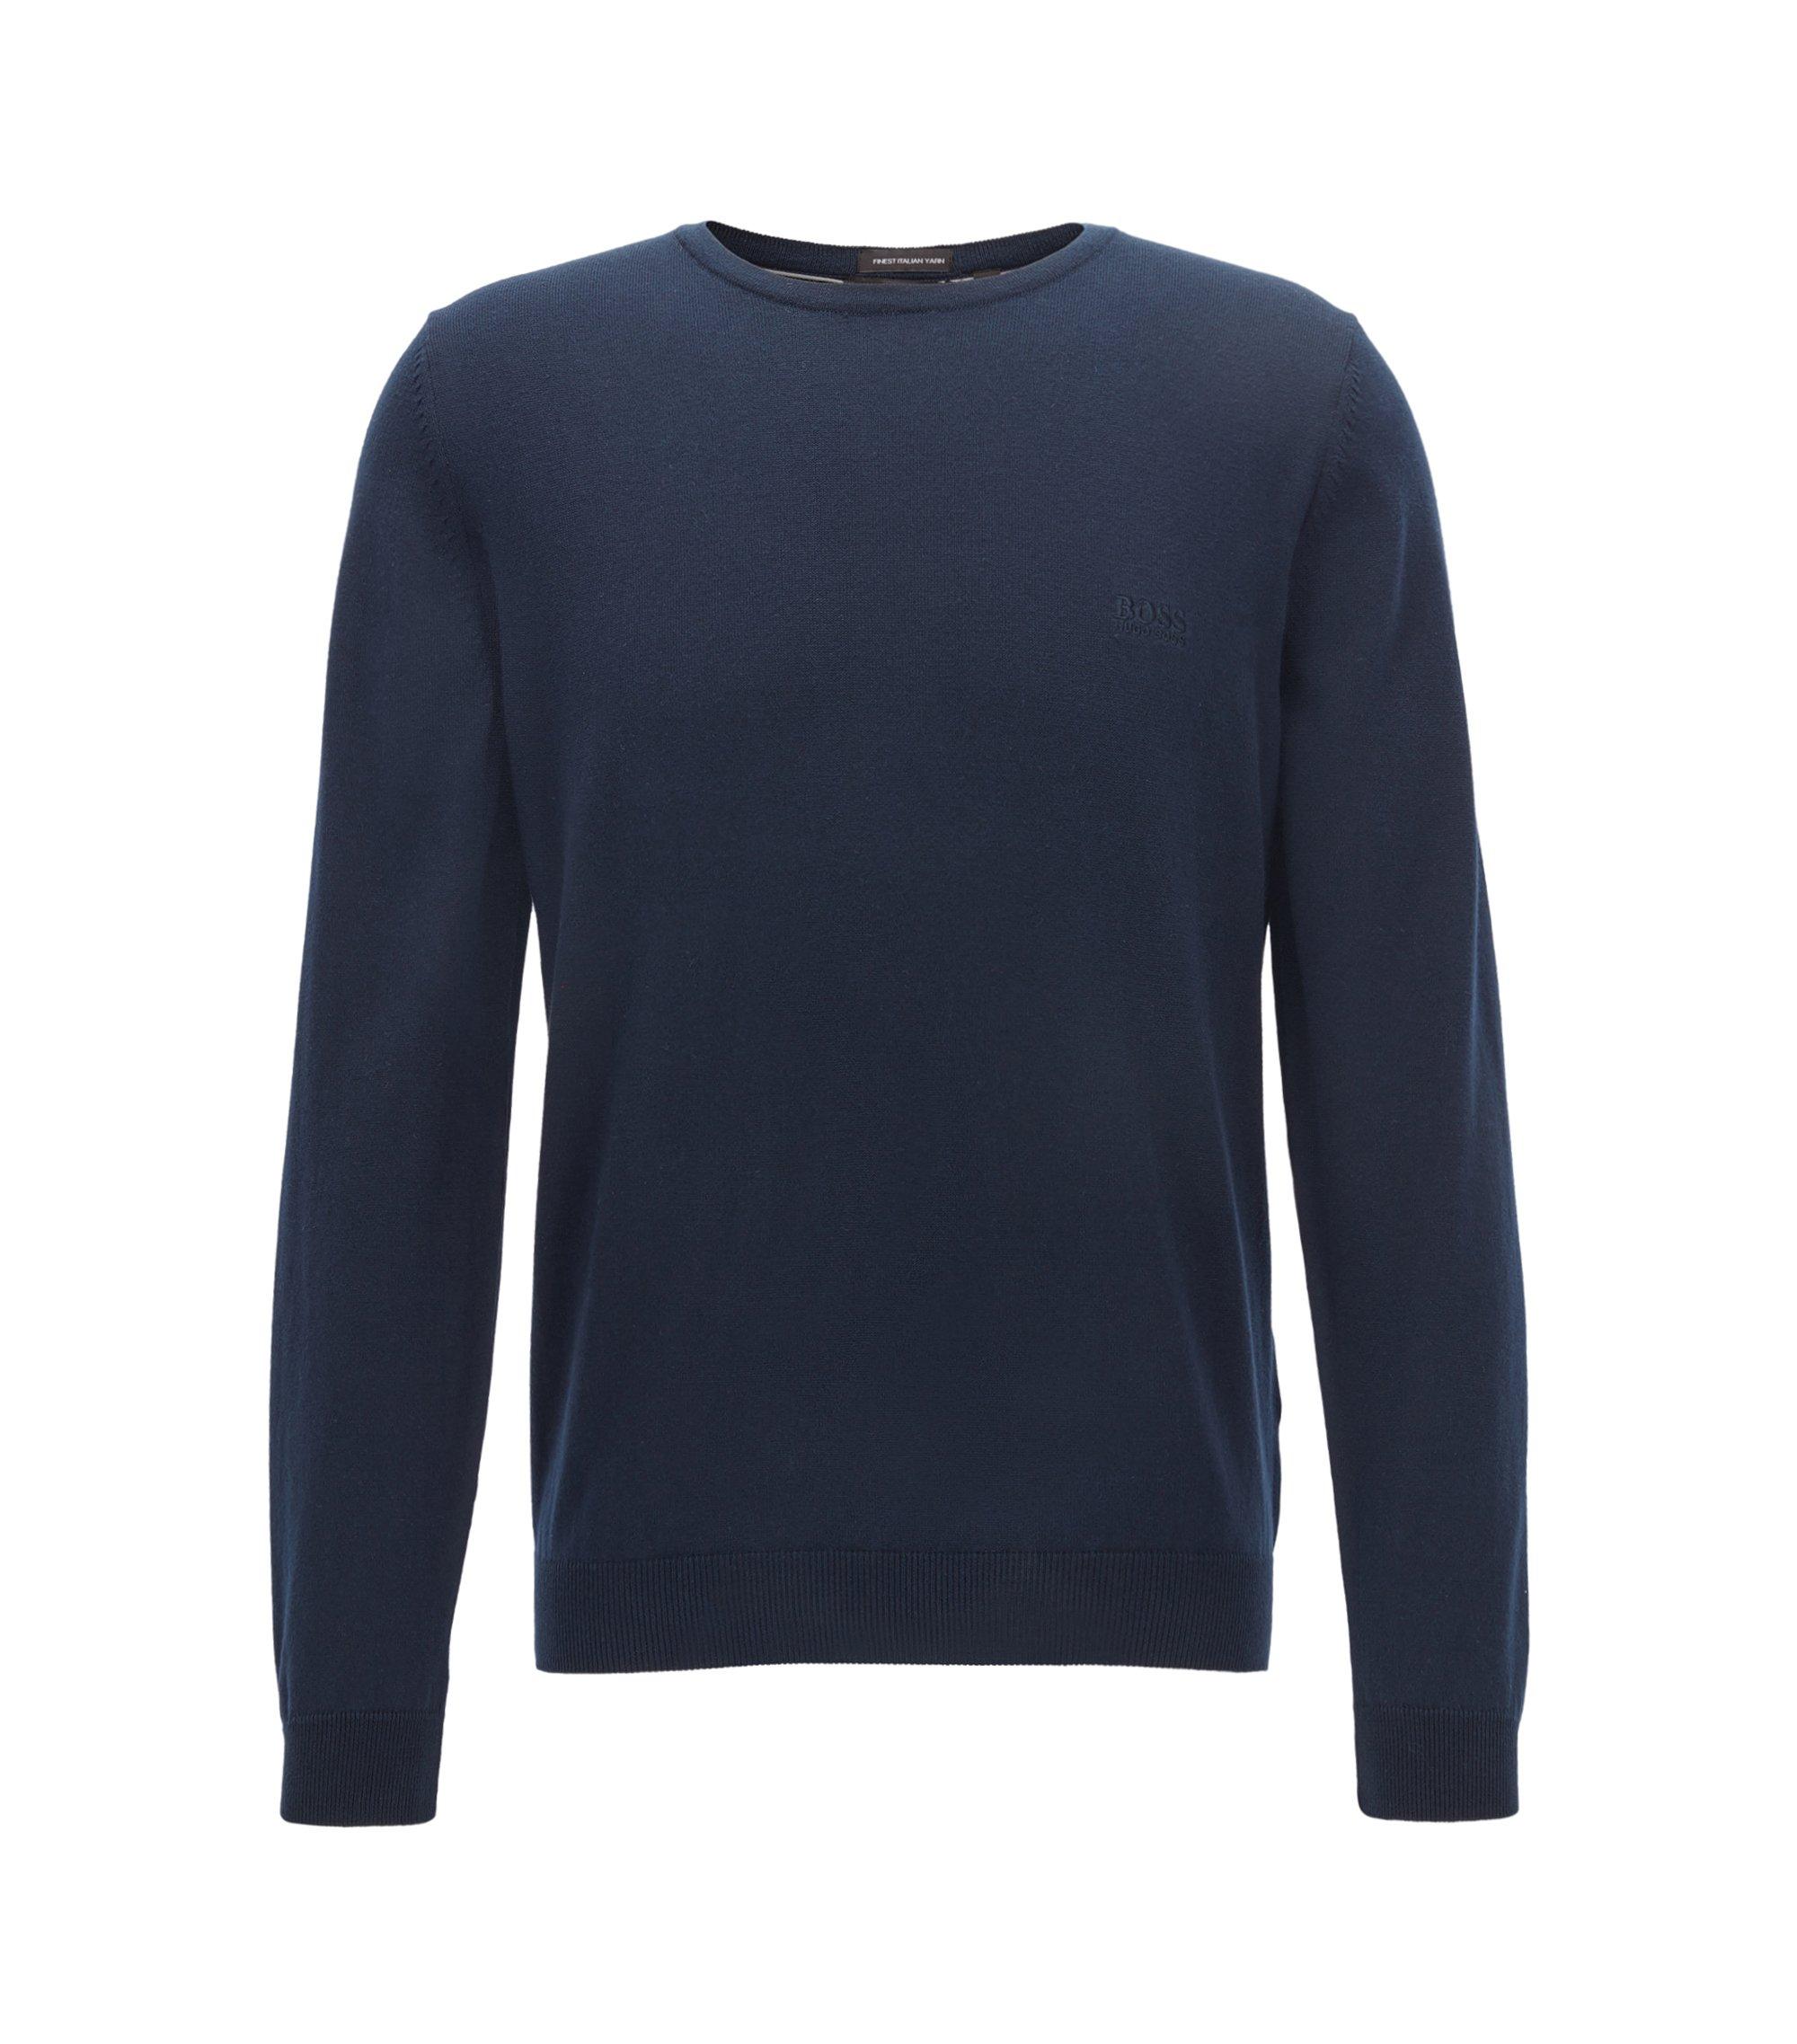 Pullover aus Baumwolle mit Rundhalsausschnitt und Logo-Stickerei, Dunkelblau